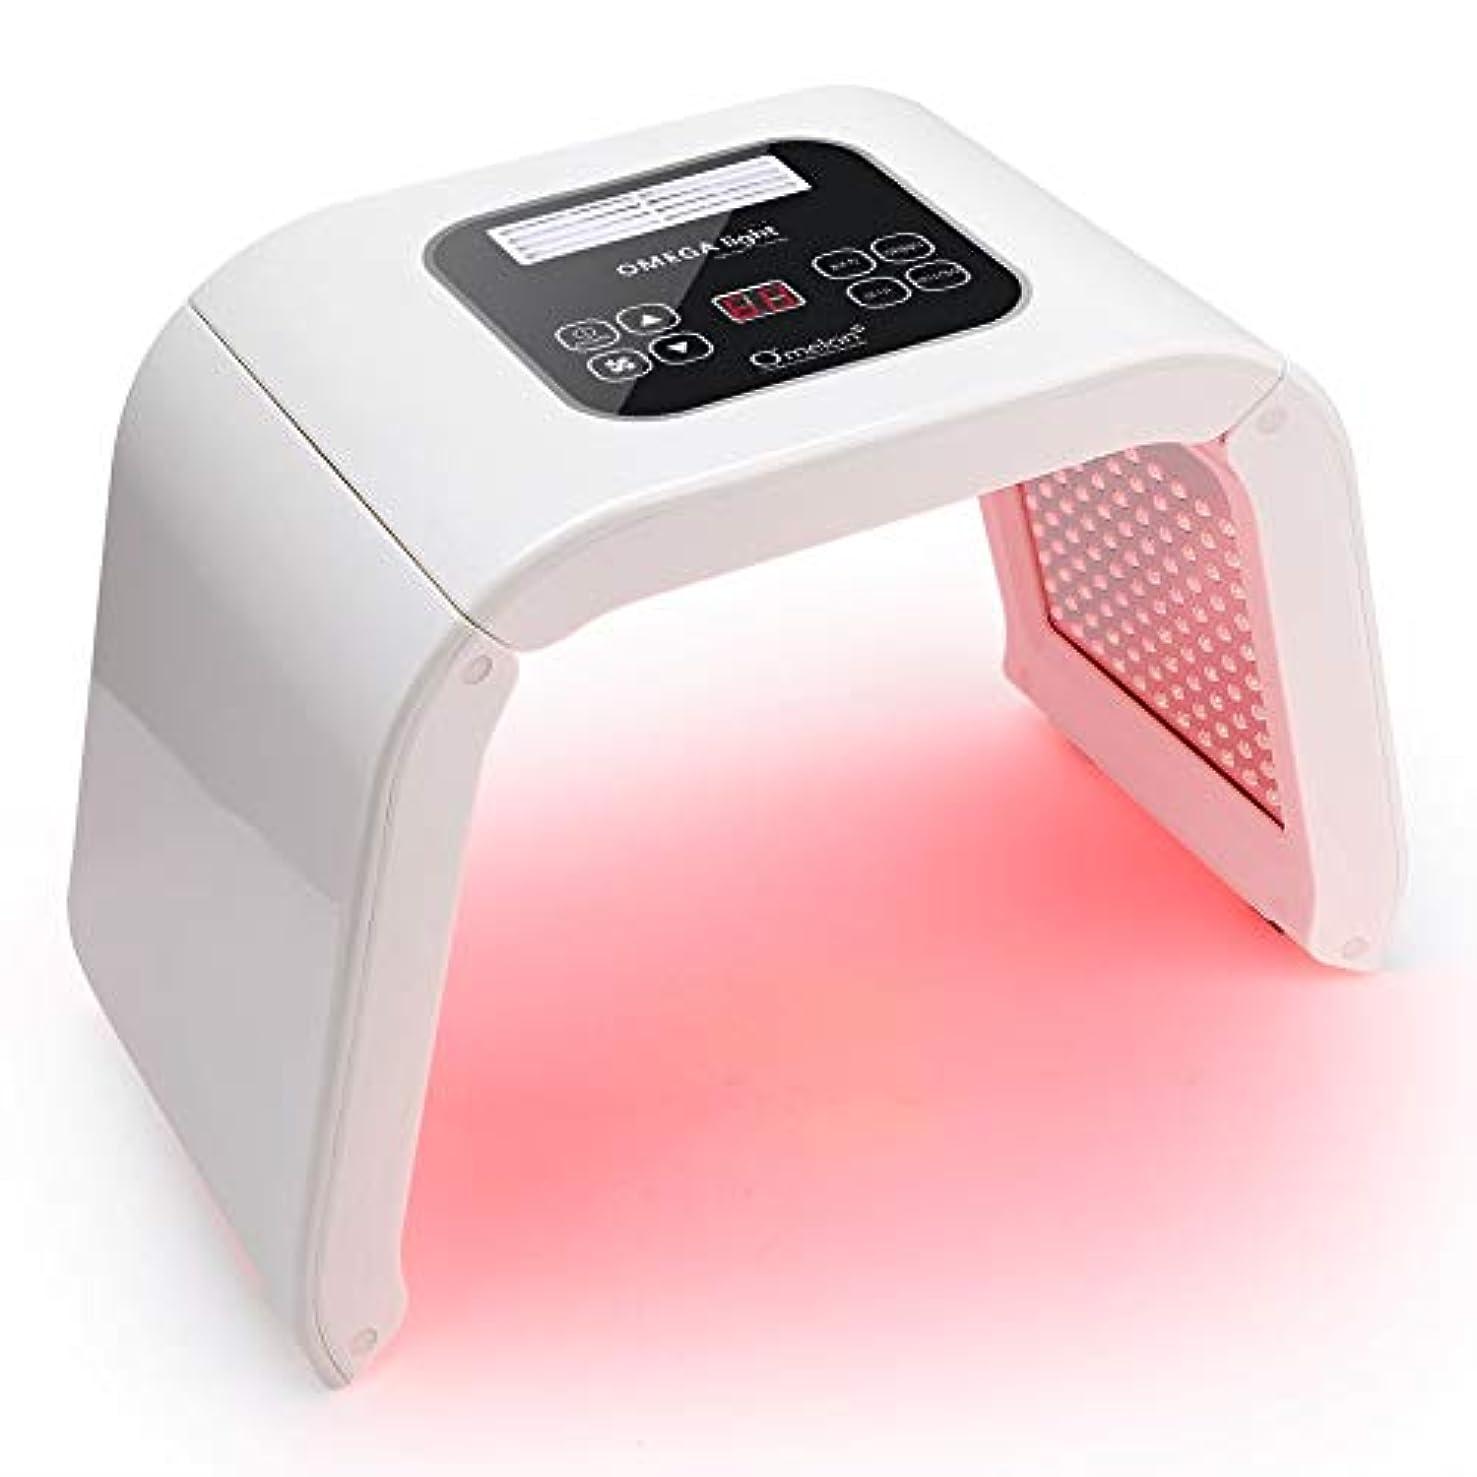 困惑平手打ちペインギリックLed肌若返りデバイス7色美容光力学ランプ肌しわ除去治療フェイスボディケアFDA承認(110?220V)